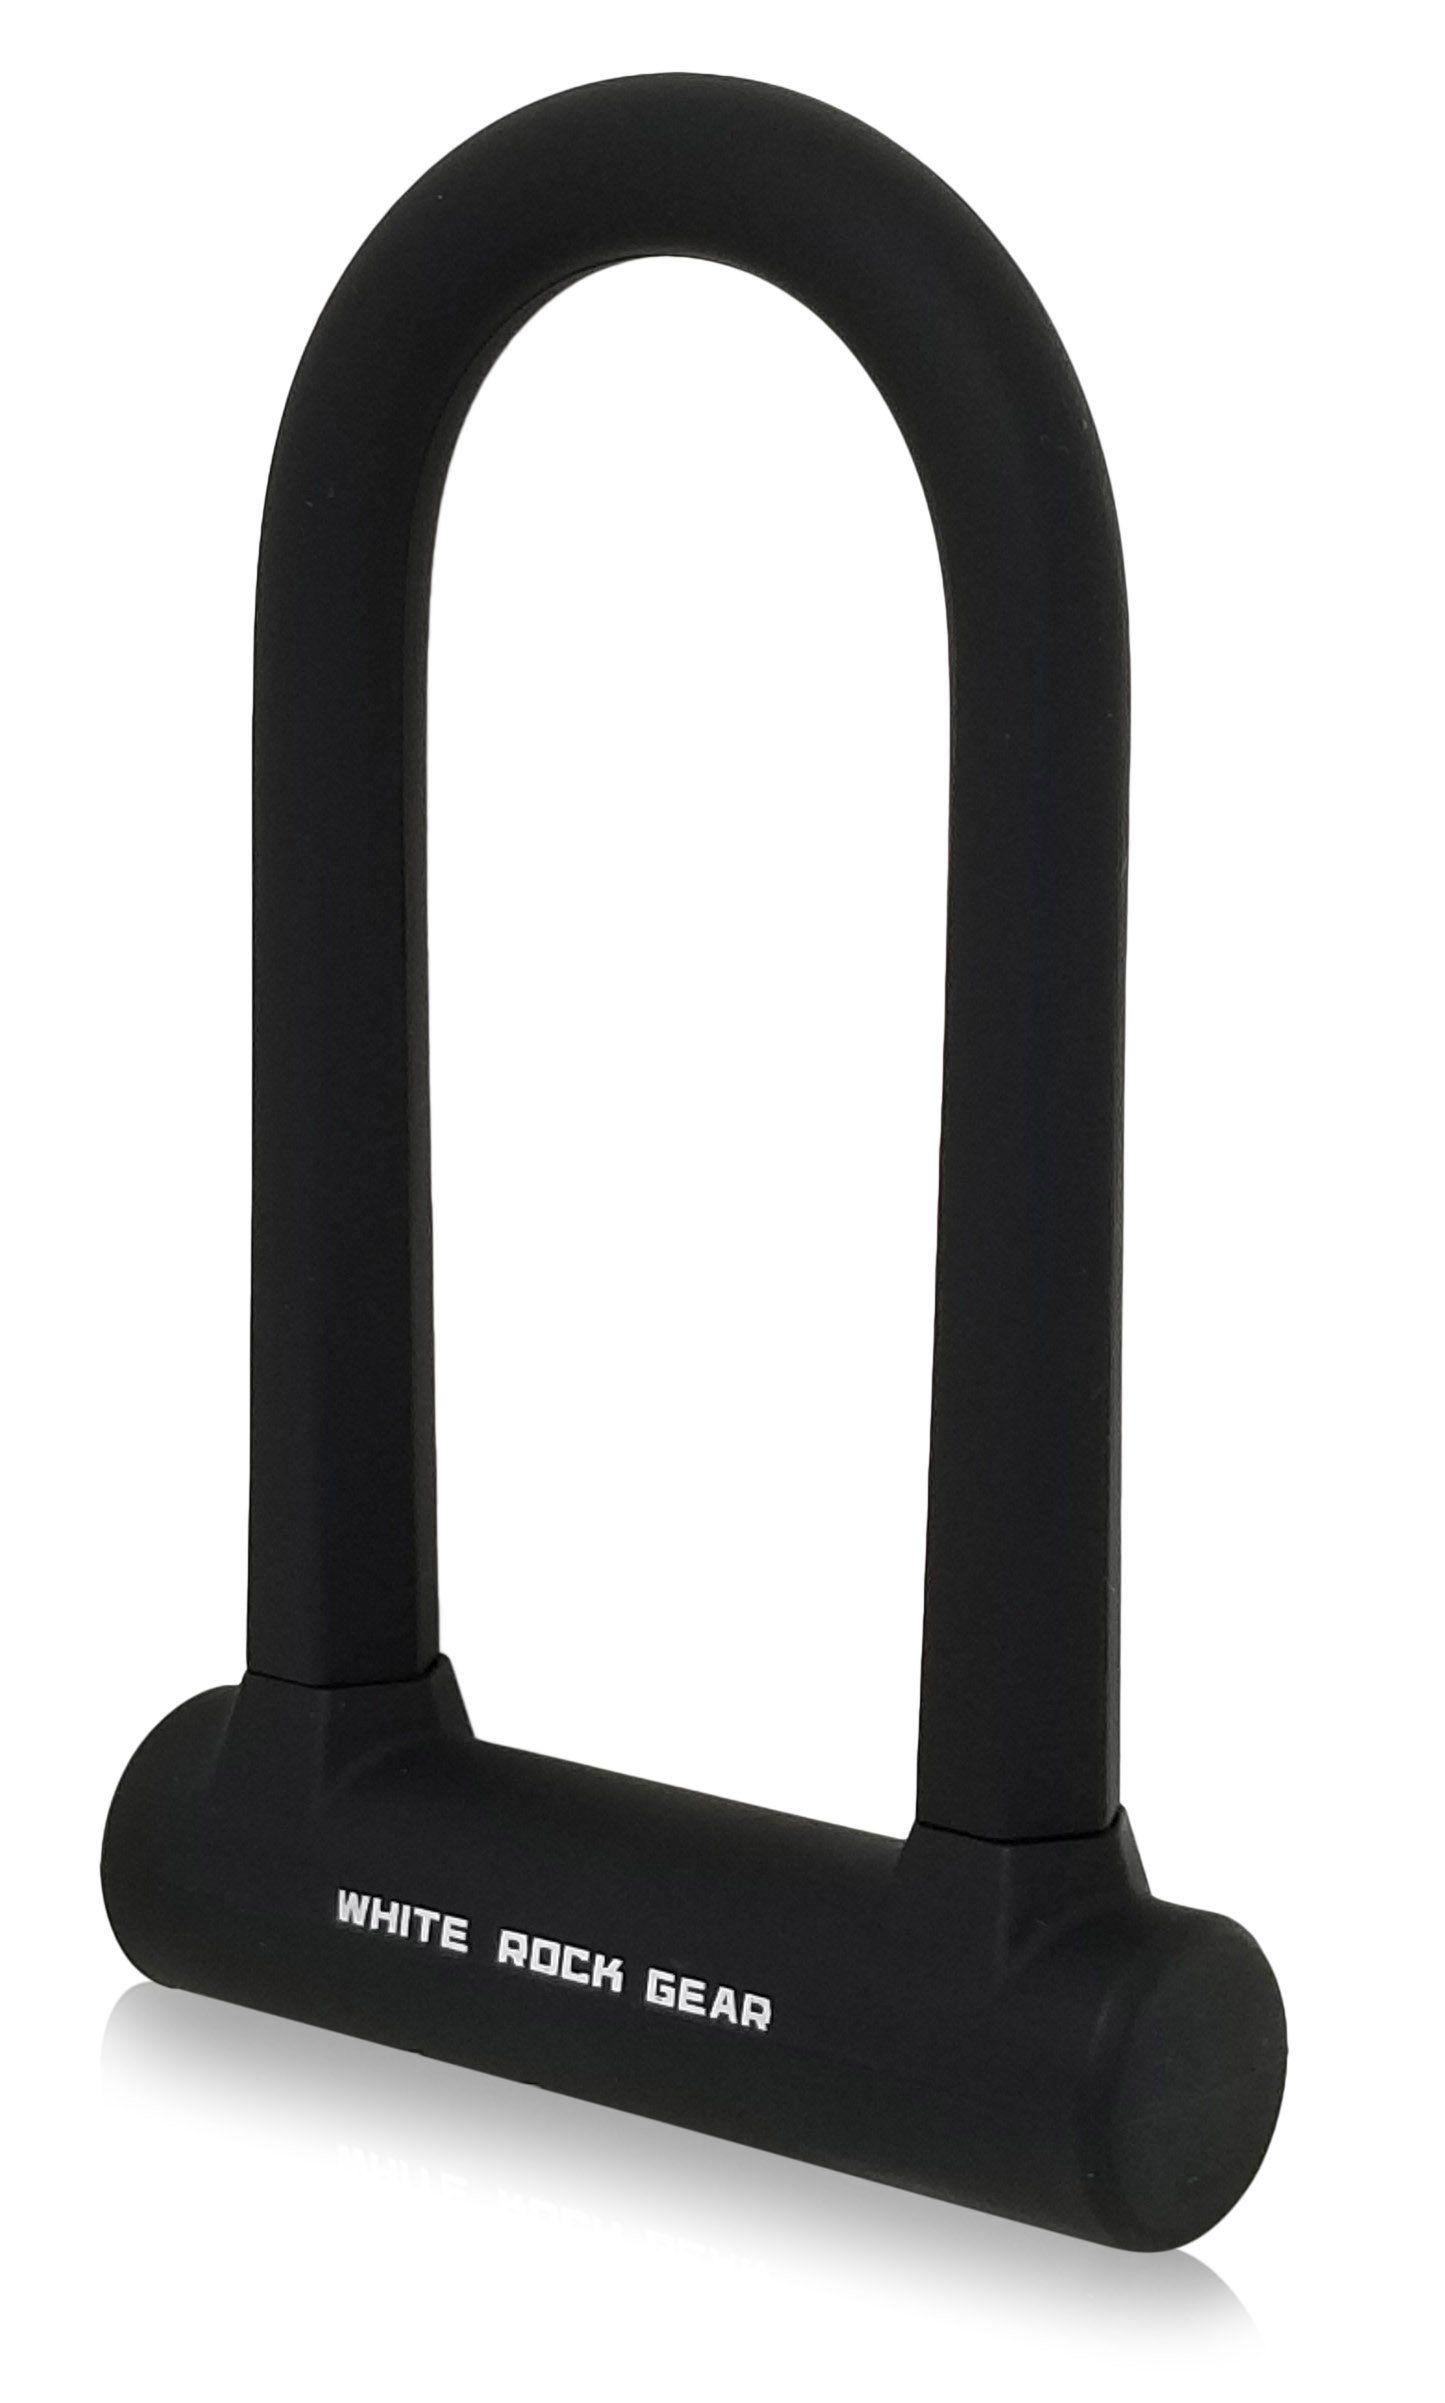 White Rock Gear Ulock Bike Lock By Heavy Duty 16mm Steel With 45